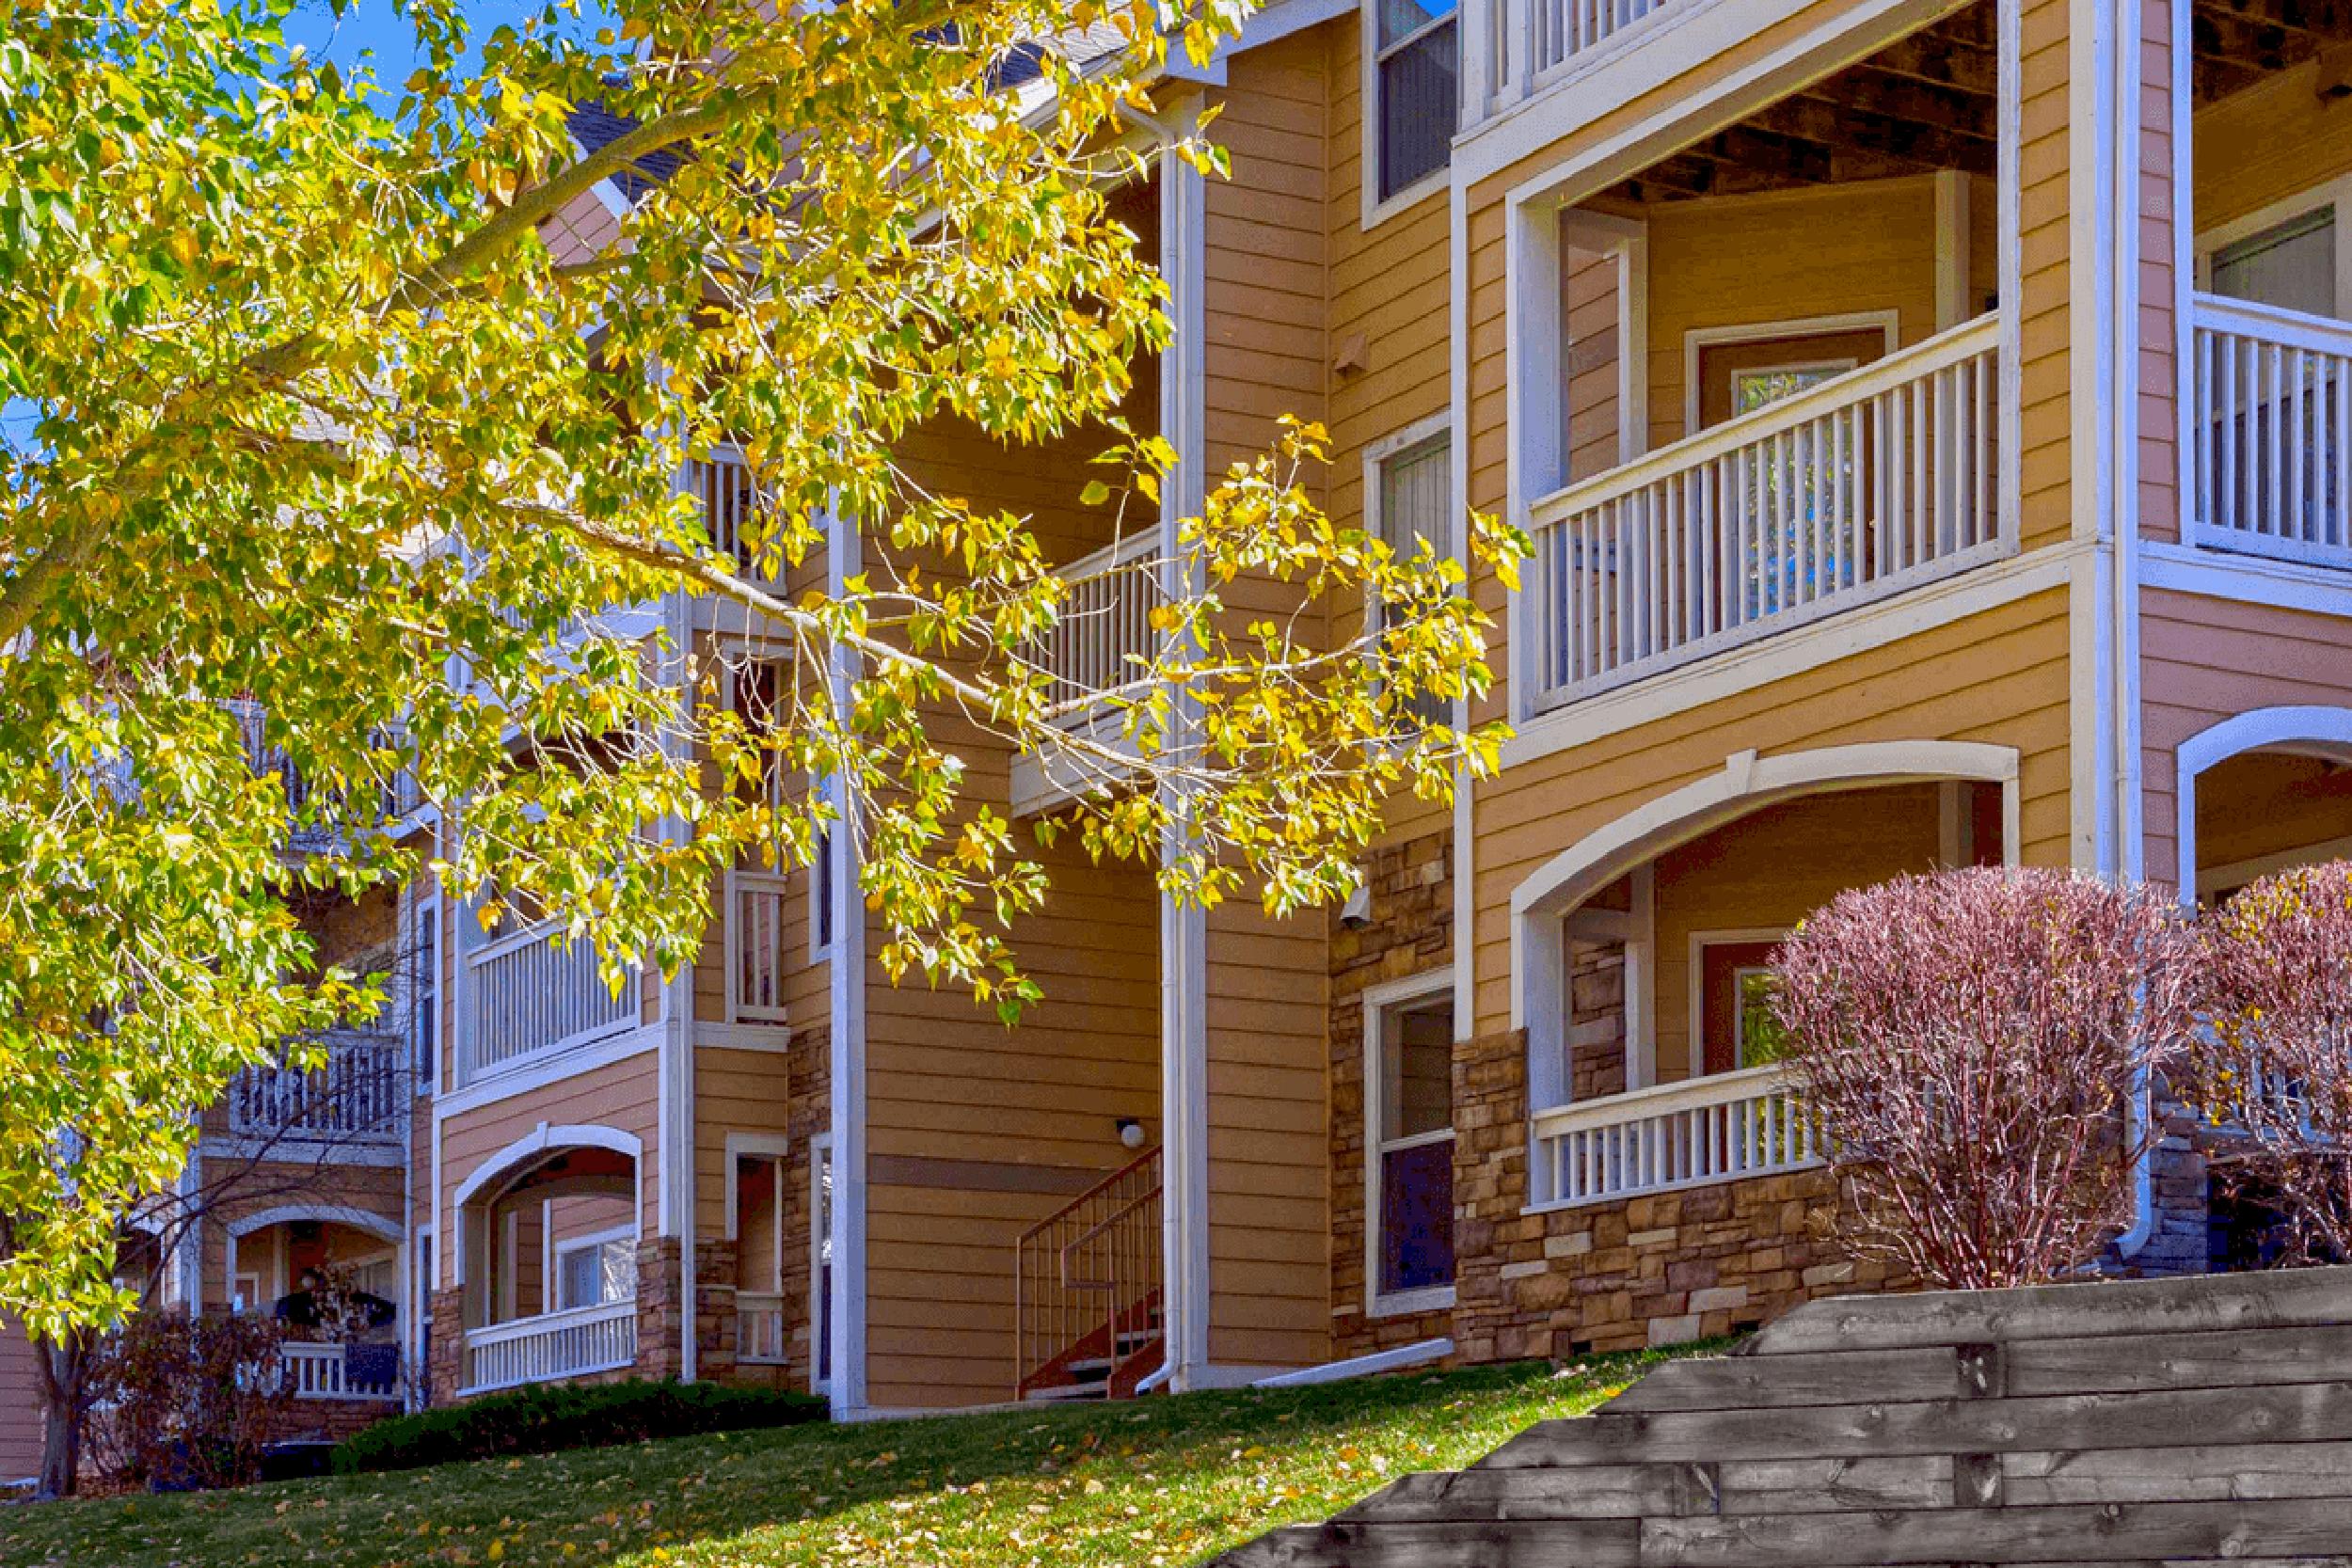 Colorado apartments Courtyard and Exterior